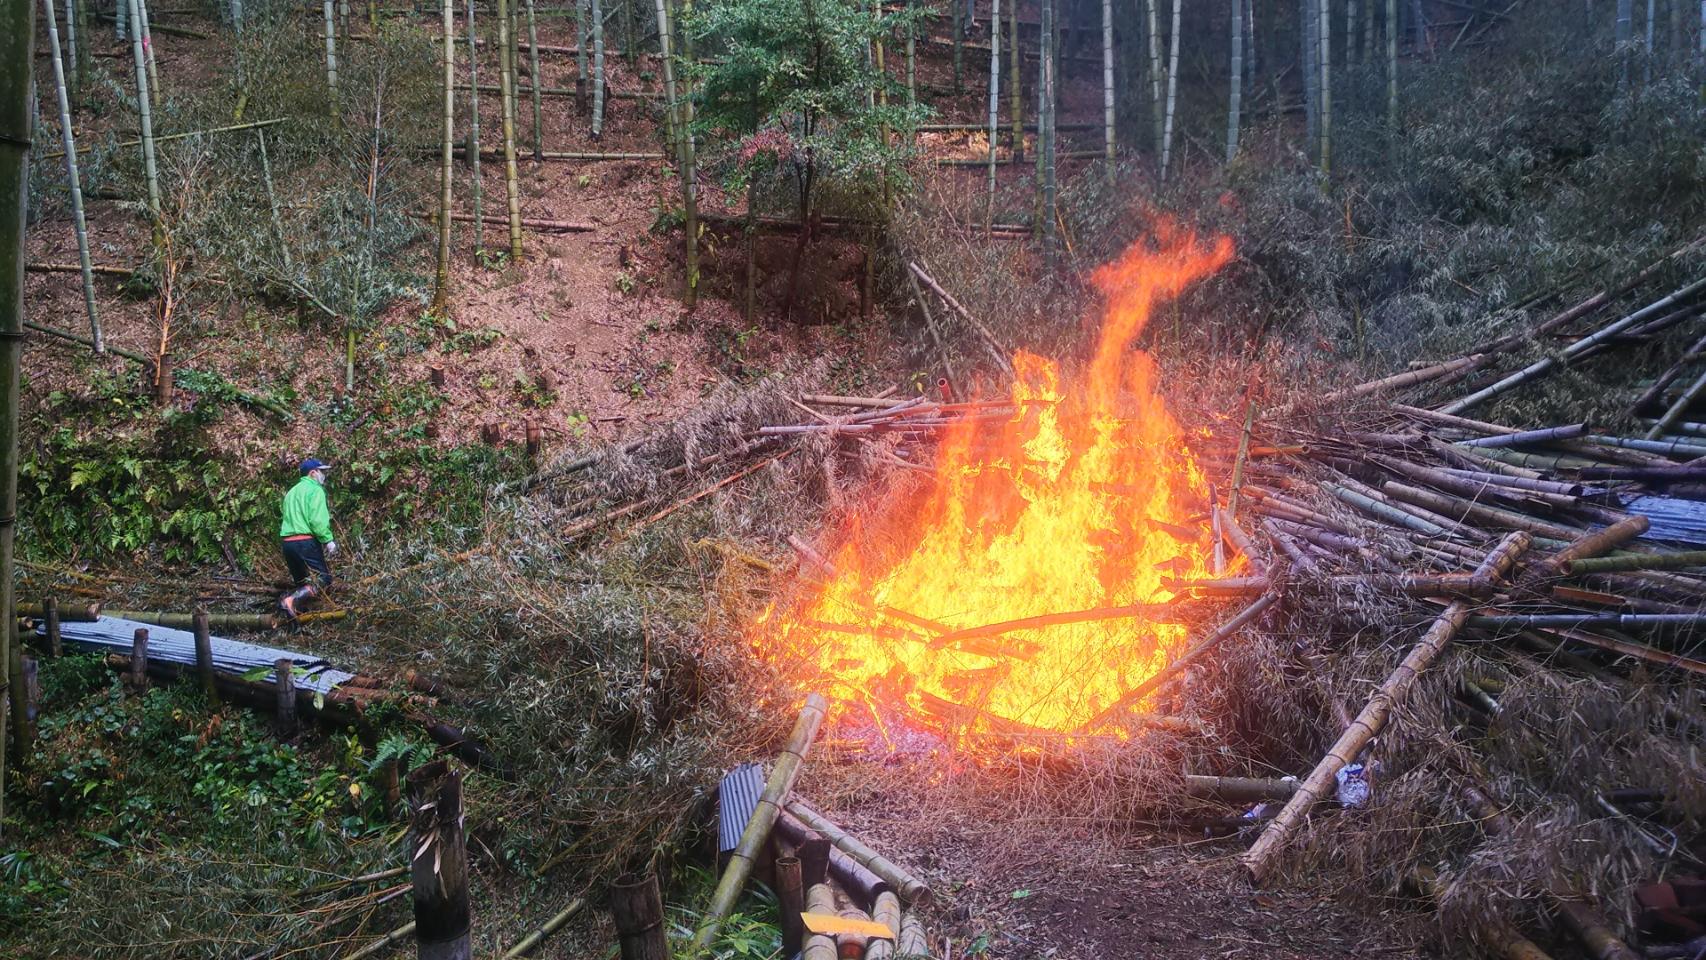 間伐した竹を燃やして竹林をきれいに整備!